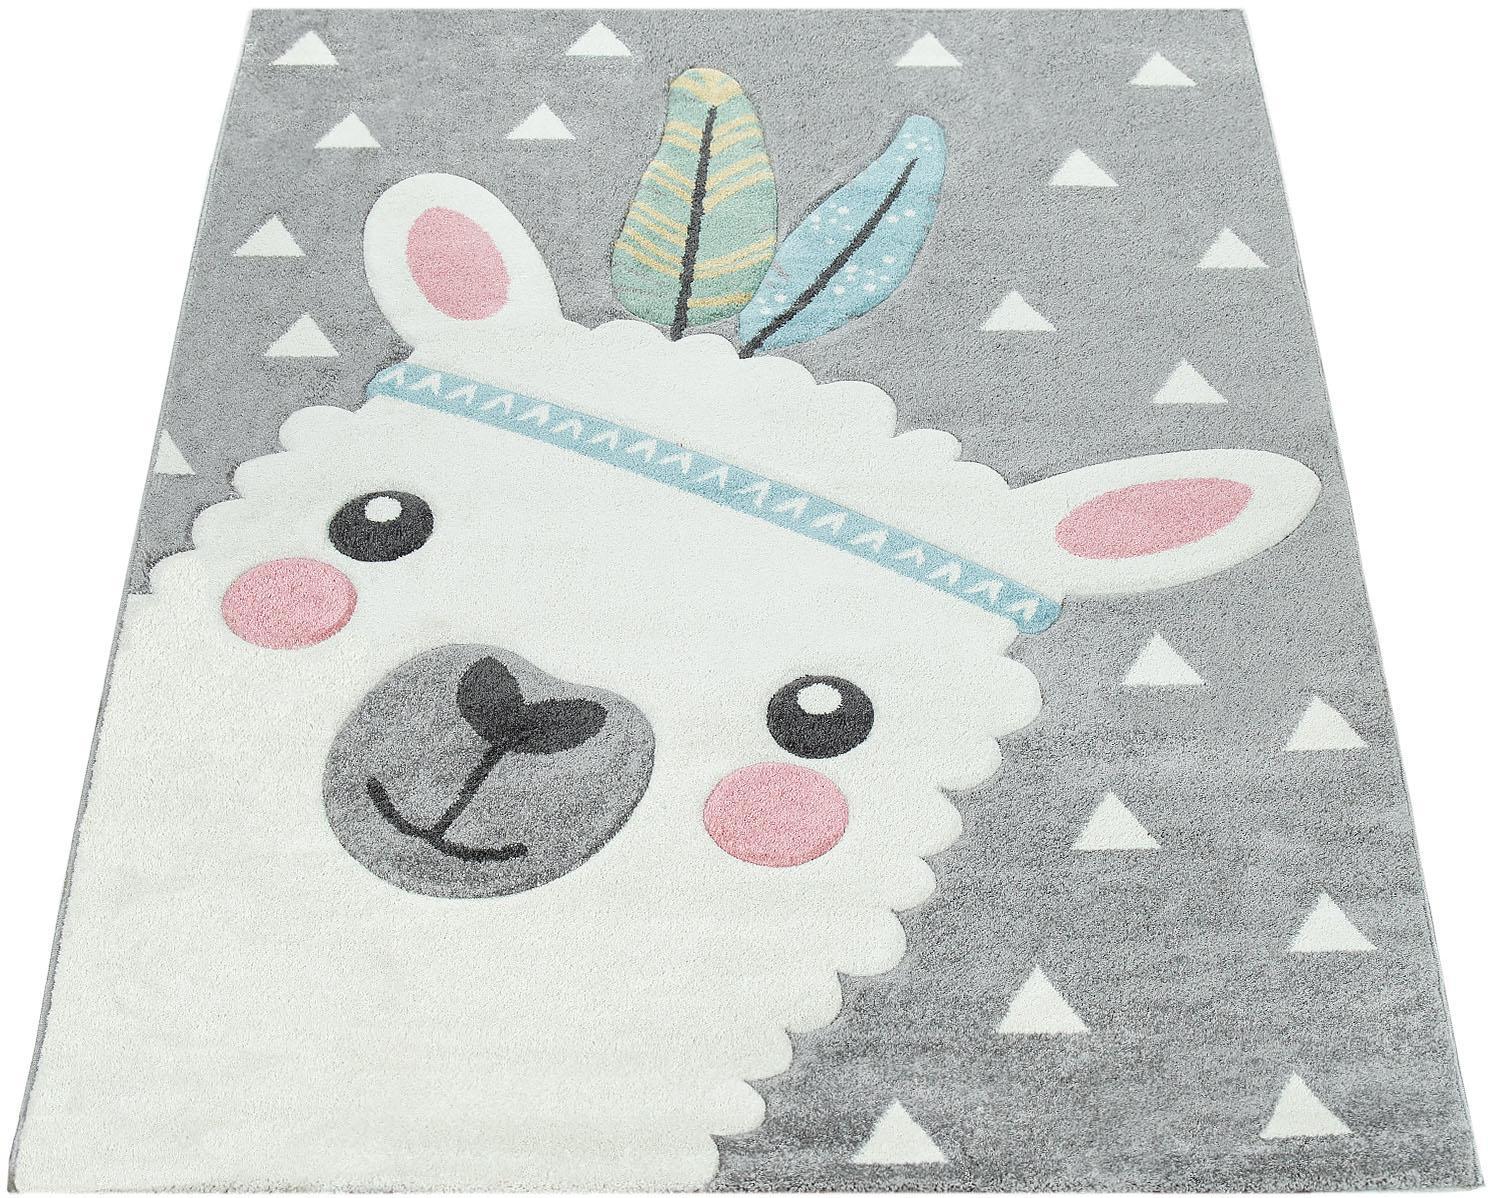 Kinderteppich, »Ela 214«, Paco Home, rechteckig, Höhe 17 mm, maschinell gewebt | Kinderzimmer > Textilien für Kinder > Kinderteppiche | Paco Home